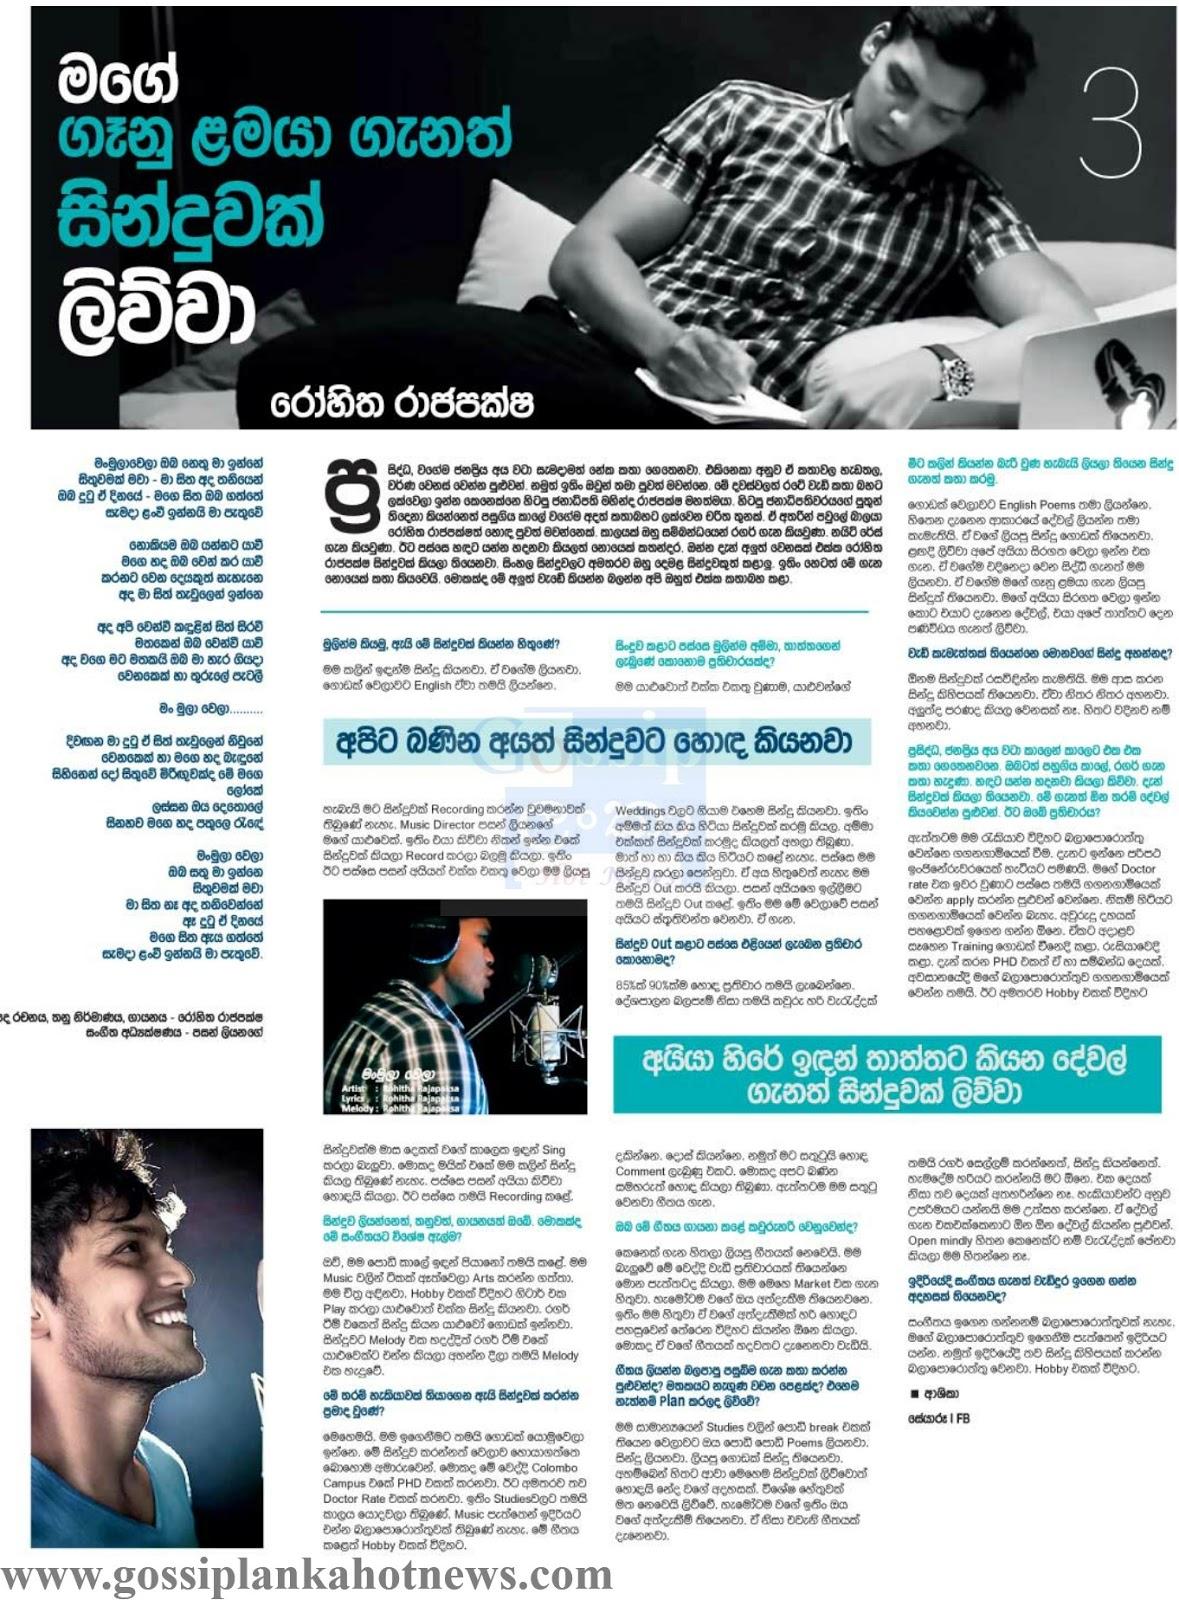 Manmula Wela Rohitha Rajapaksa Sinhala New Songs ..